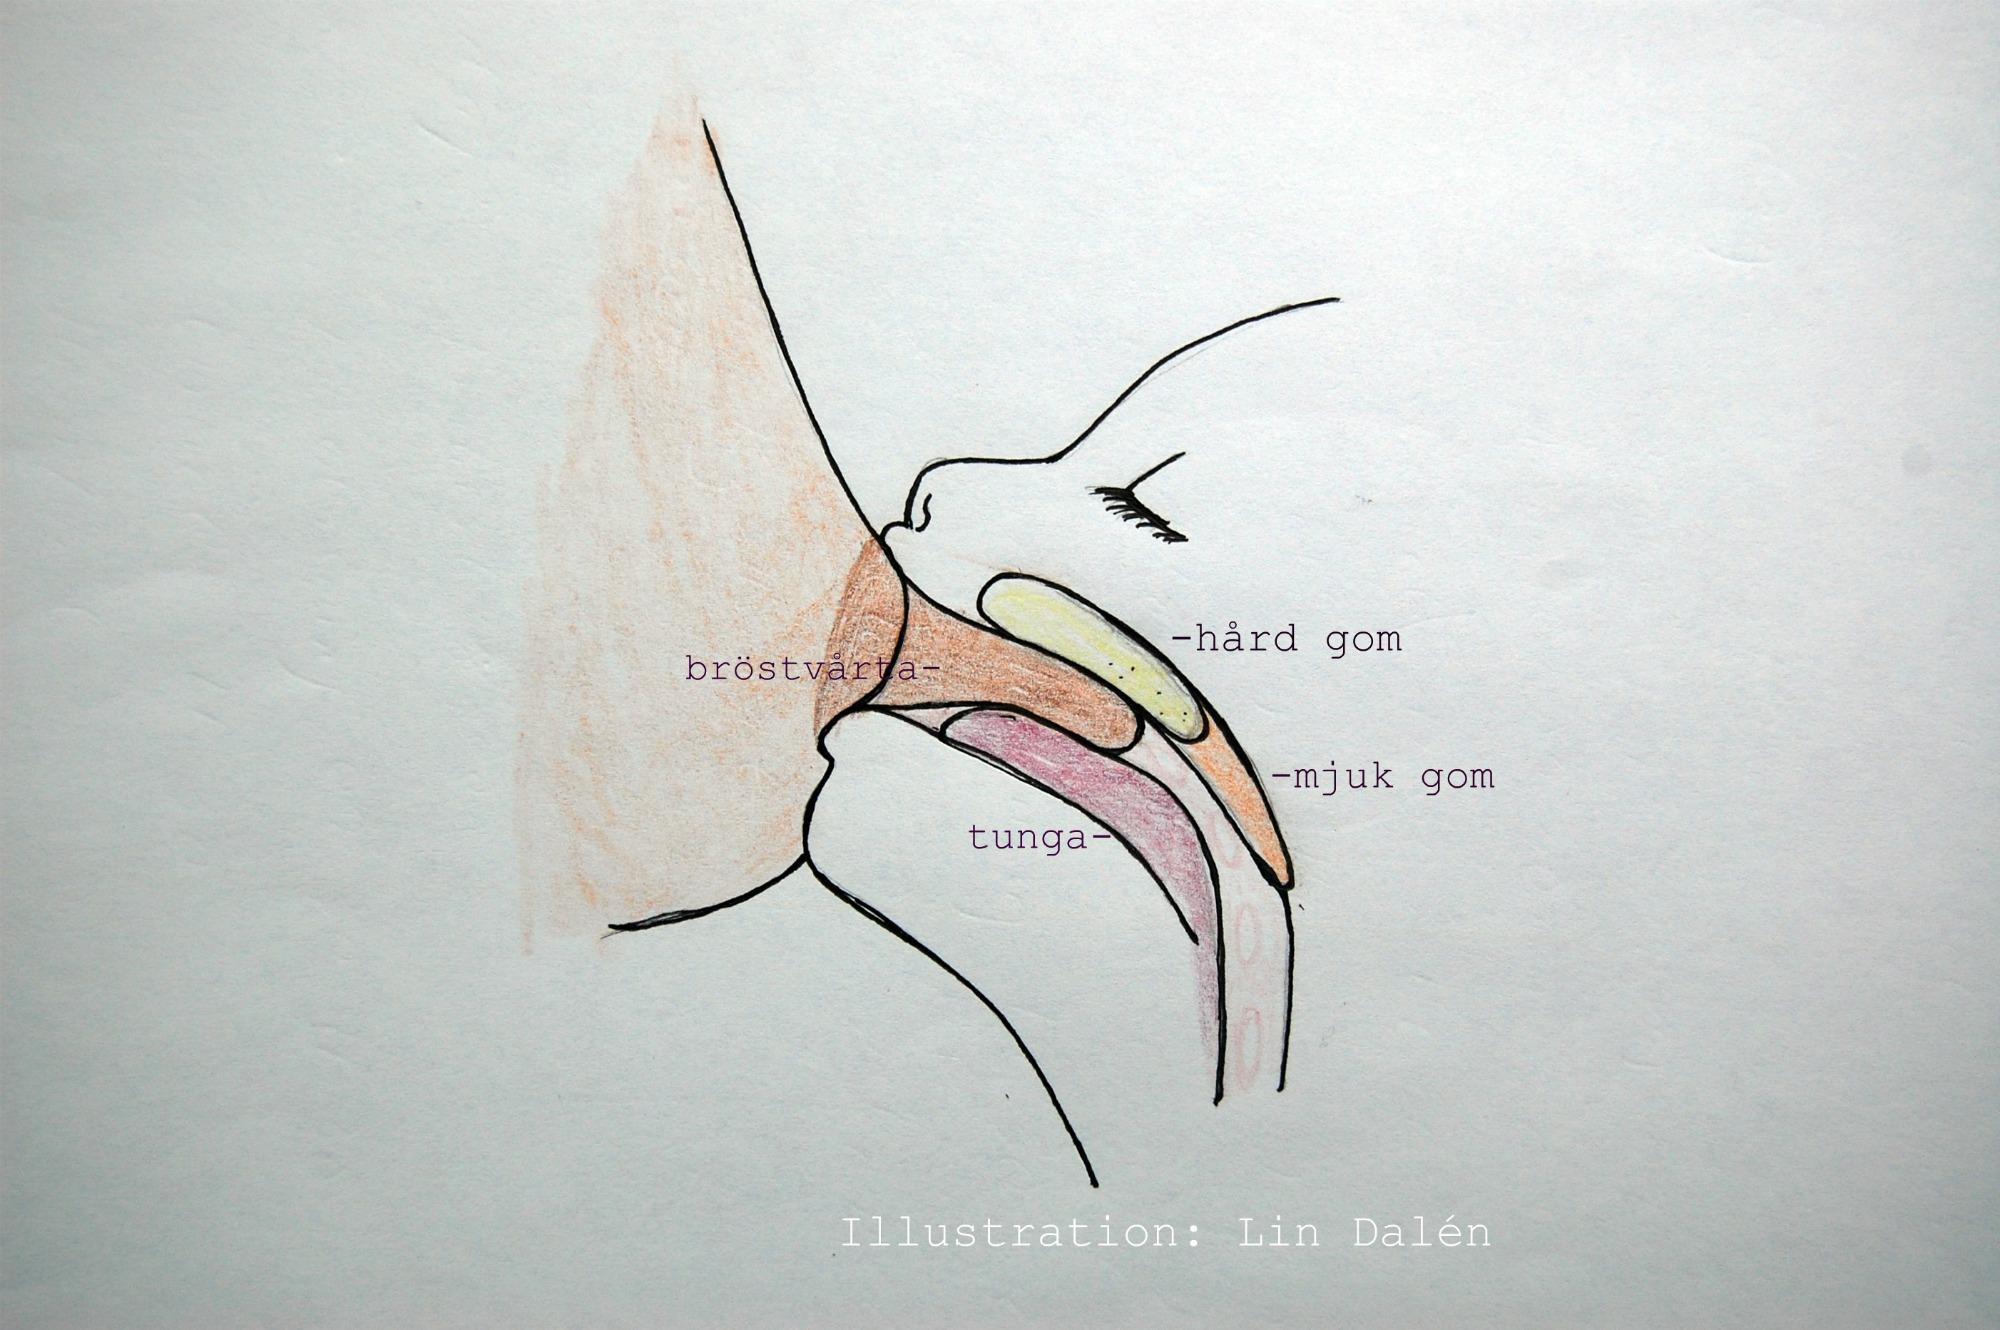 sår på bröstet amning